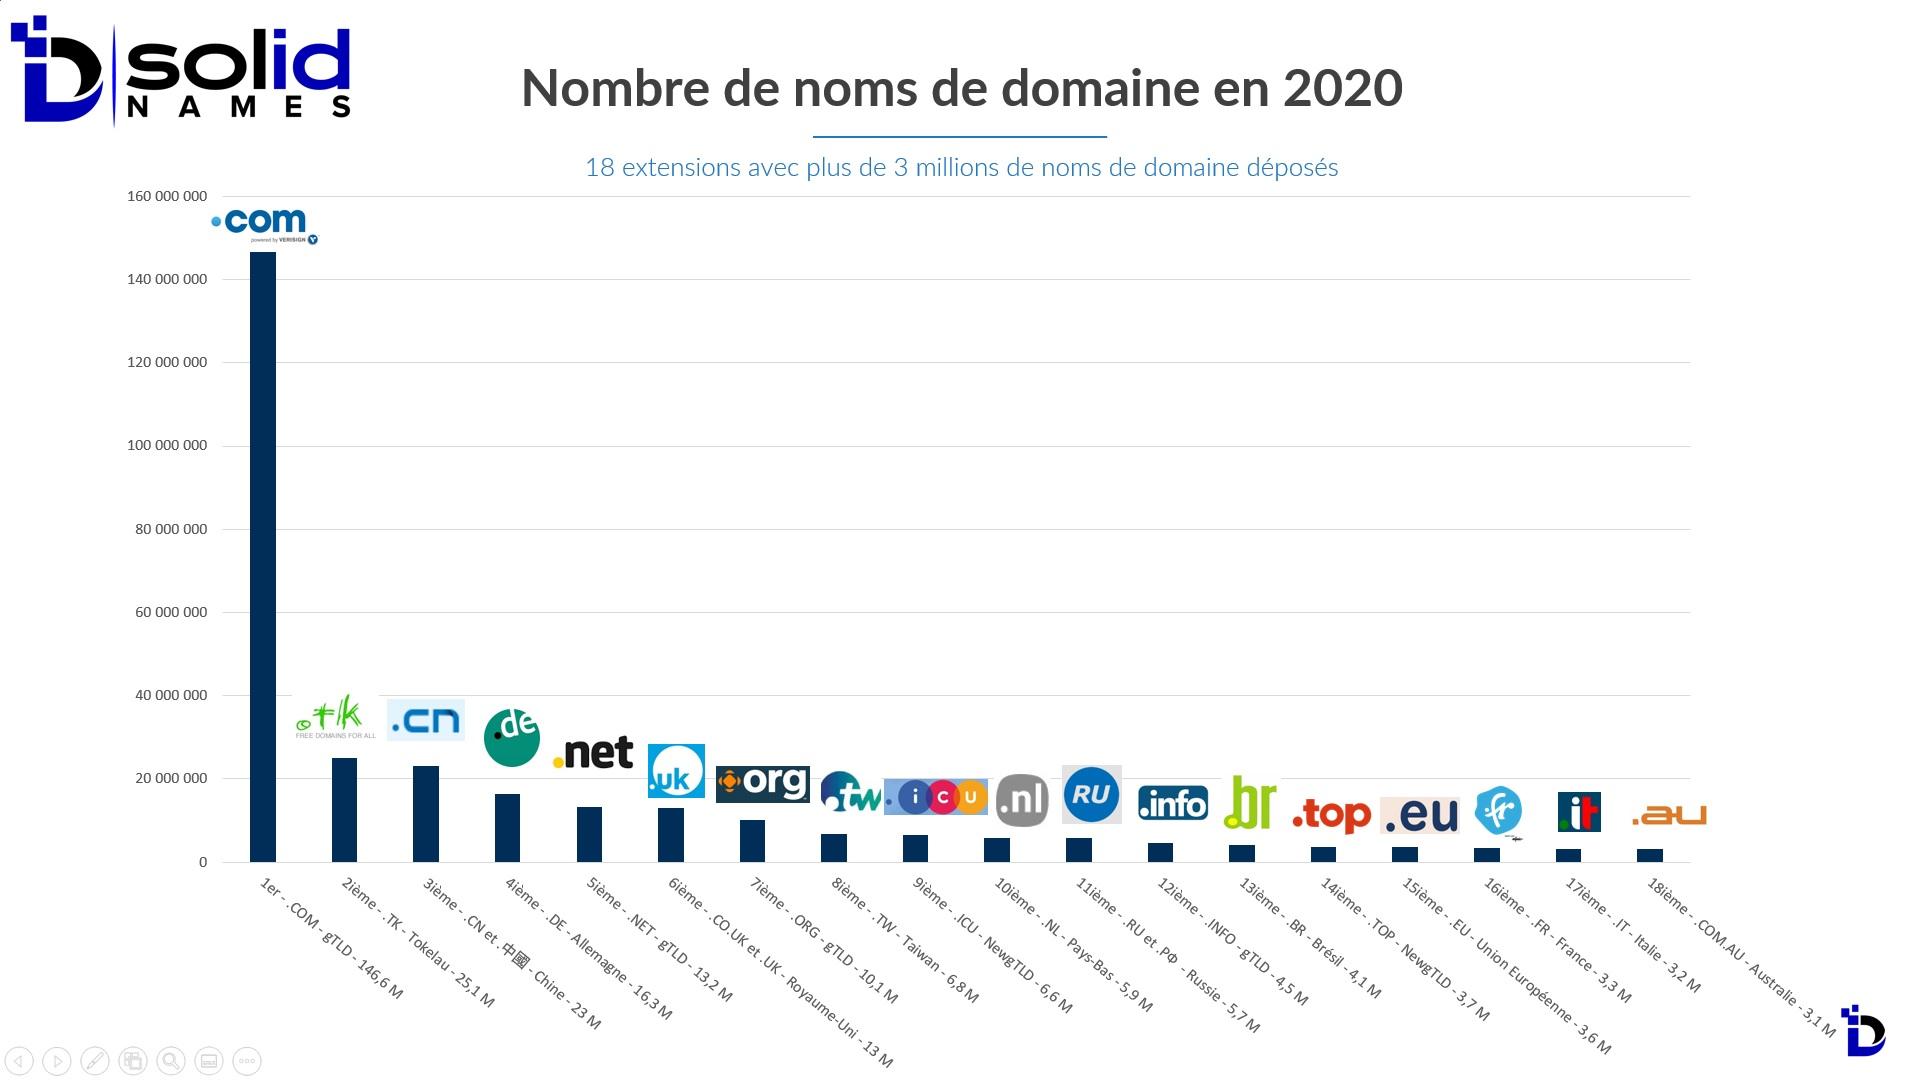 Nombre noms de domaine déposés en 2020